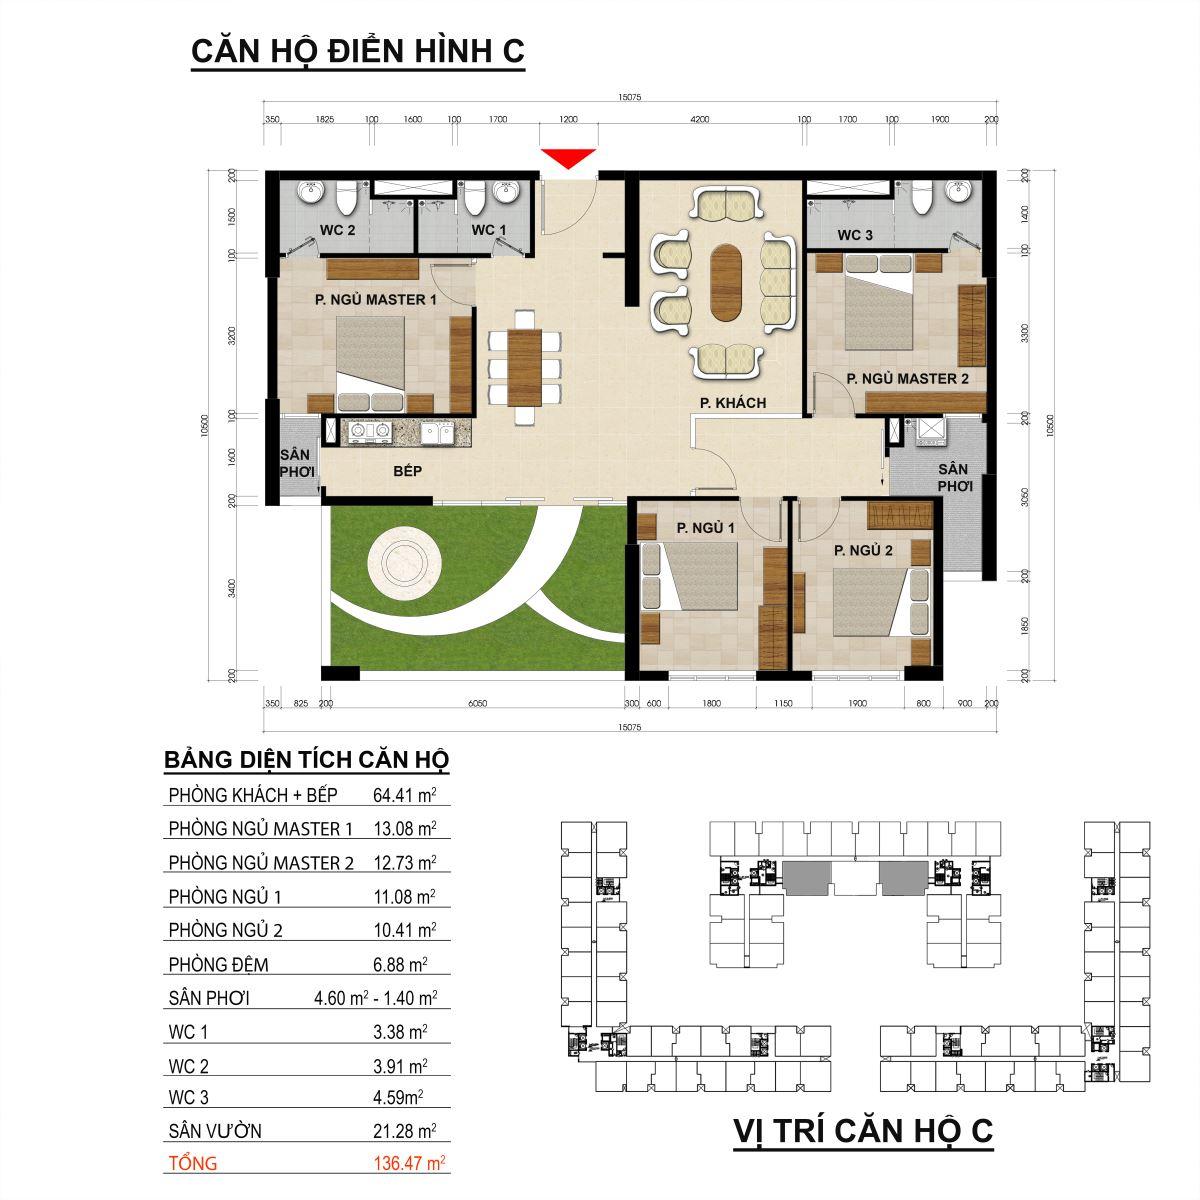 Căn hộ 4 phòng ngủ diện tích 136,47m2